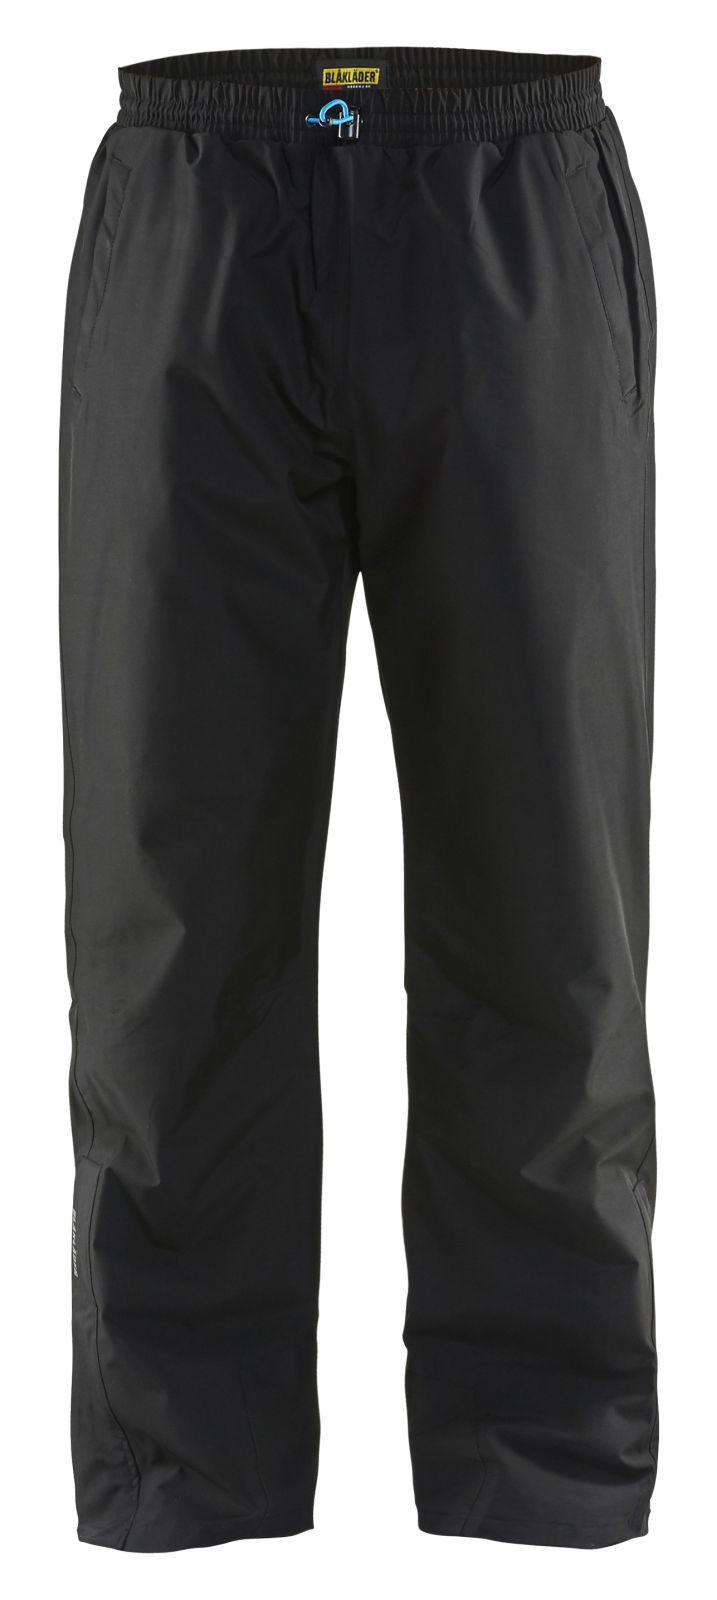 Blaklader Regenbroeken 18661946 zwart(9900)